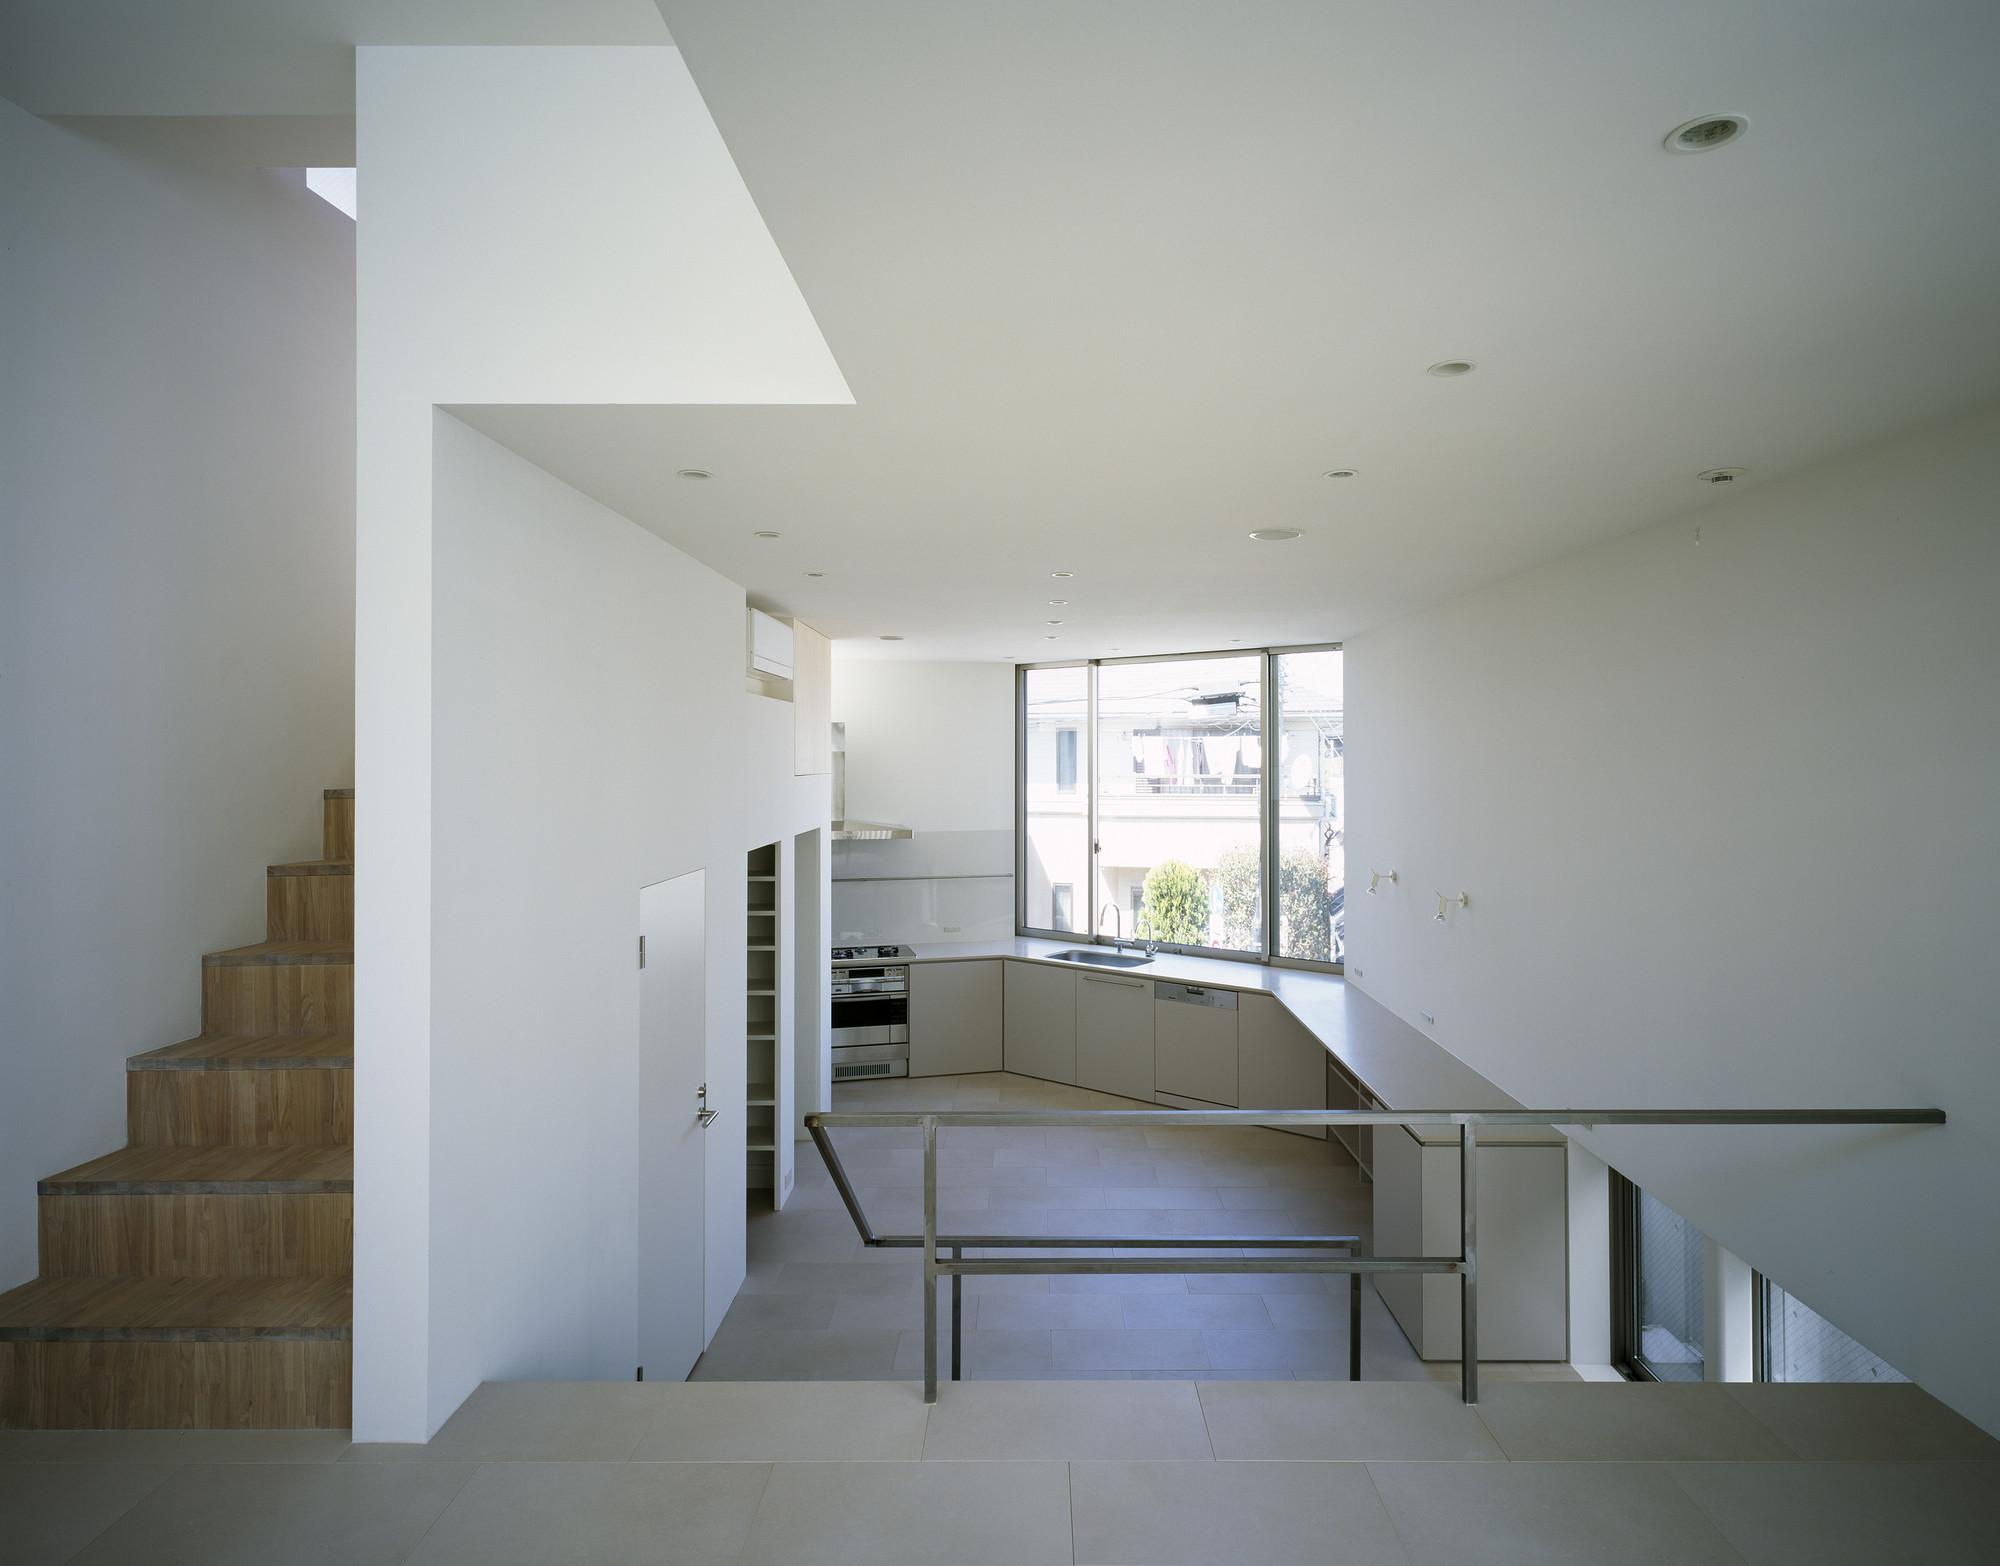 Galer a de matsubara house hiroyuki ito o f d 6 - Takanawa house by o f d hiroyuki ito ...